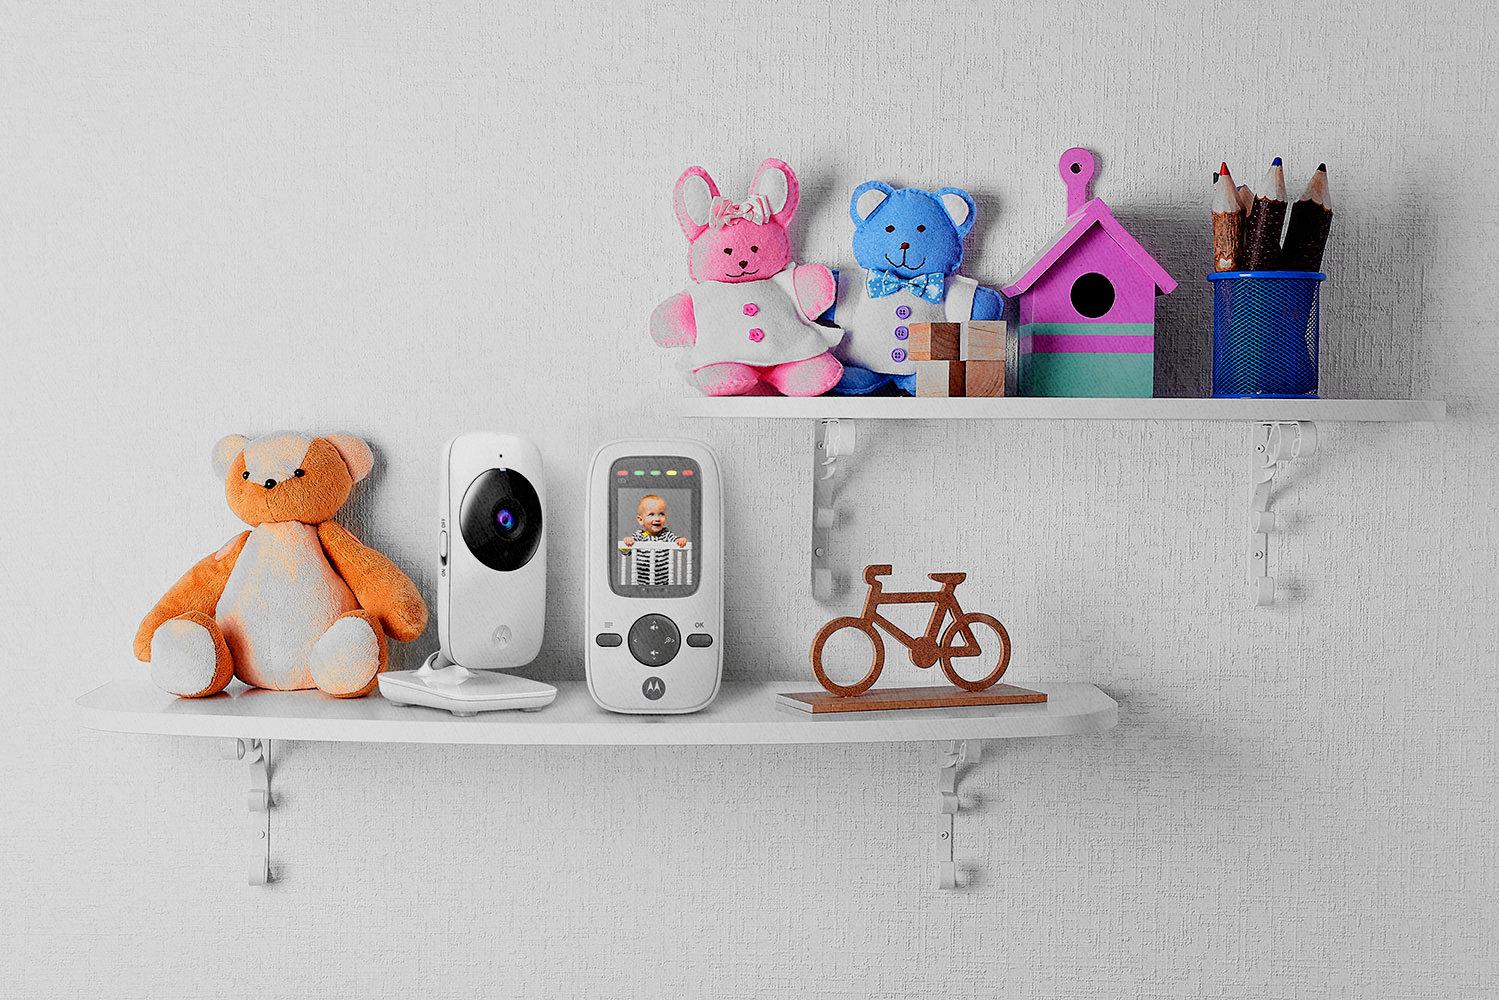 входи в первую тройку рейтинга лучших 2019 Motorola MBP481